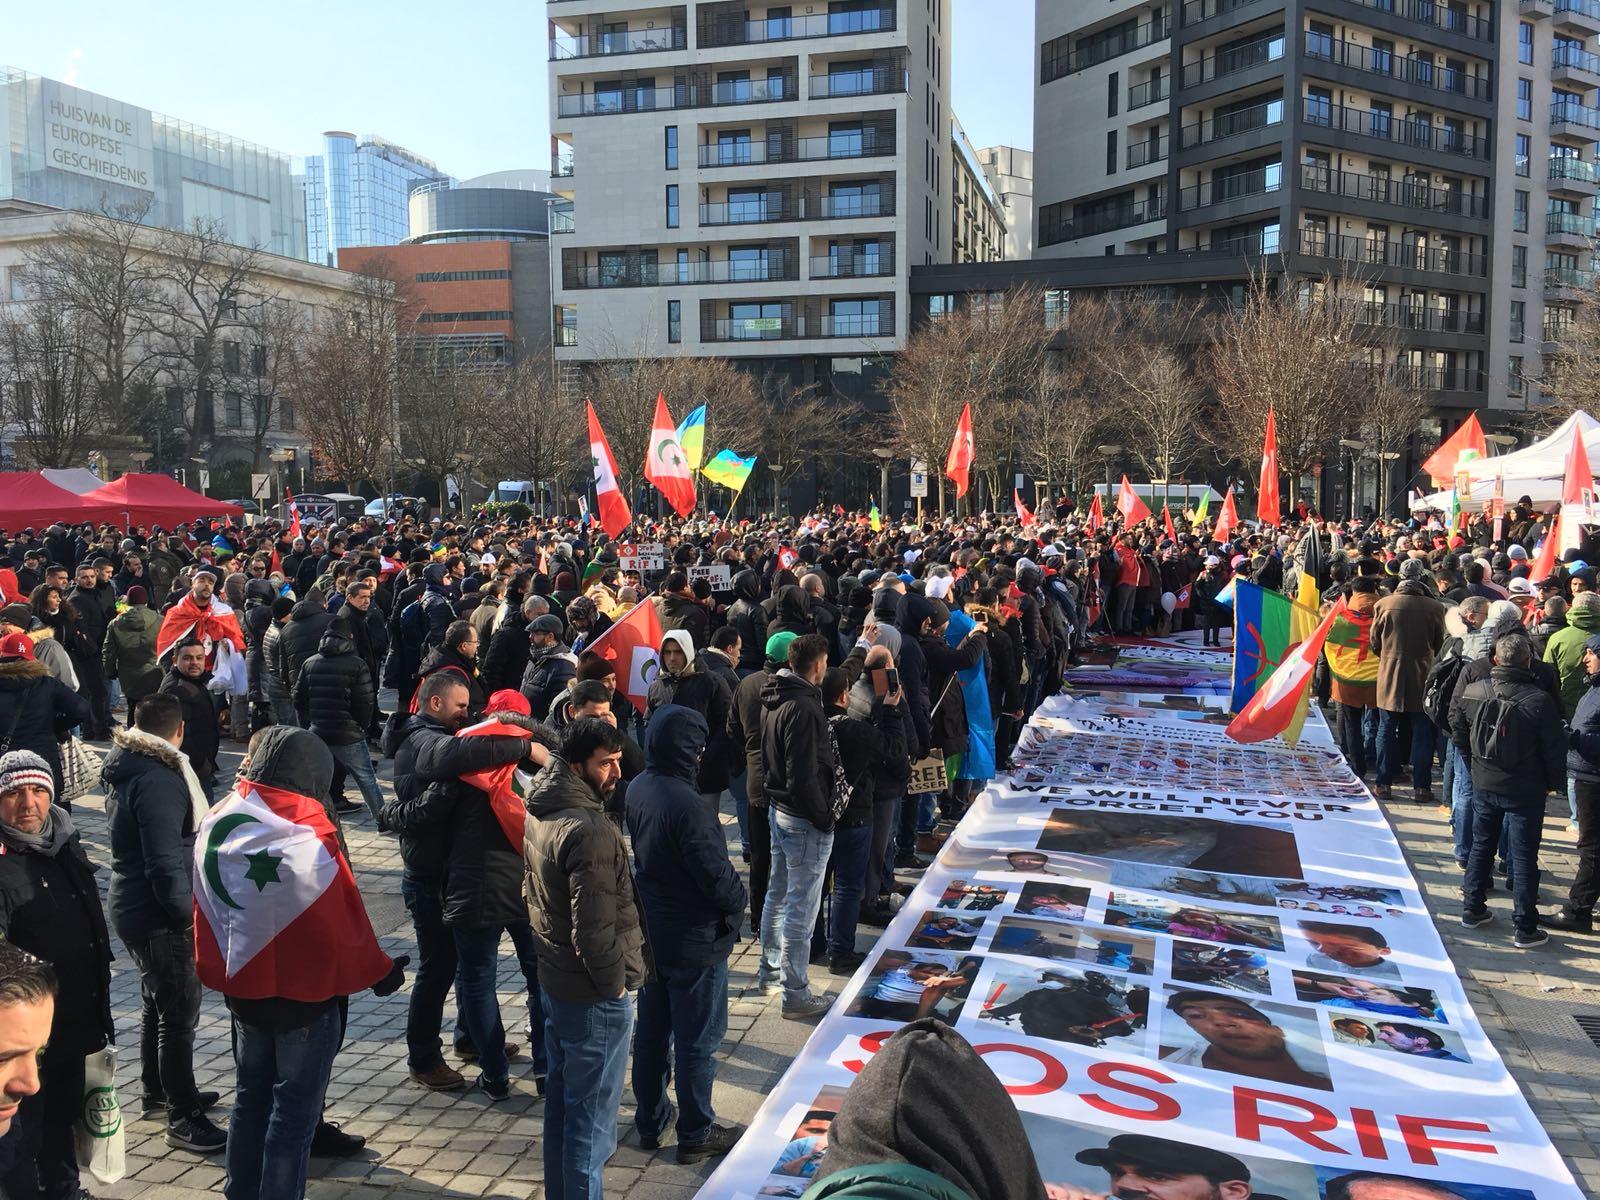 Drieduizend mensen protesteren voor Riffijnse zaak in Brussel